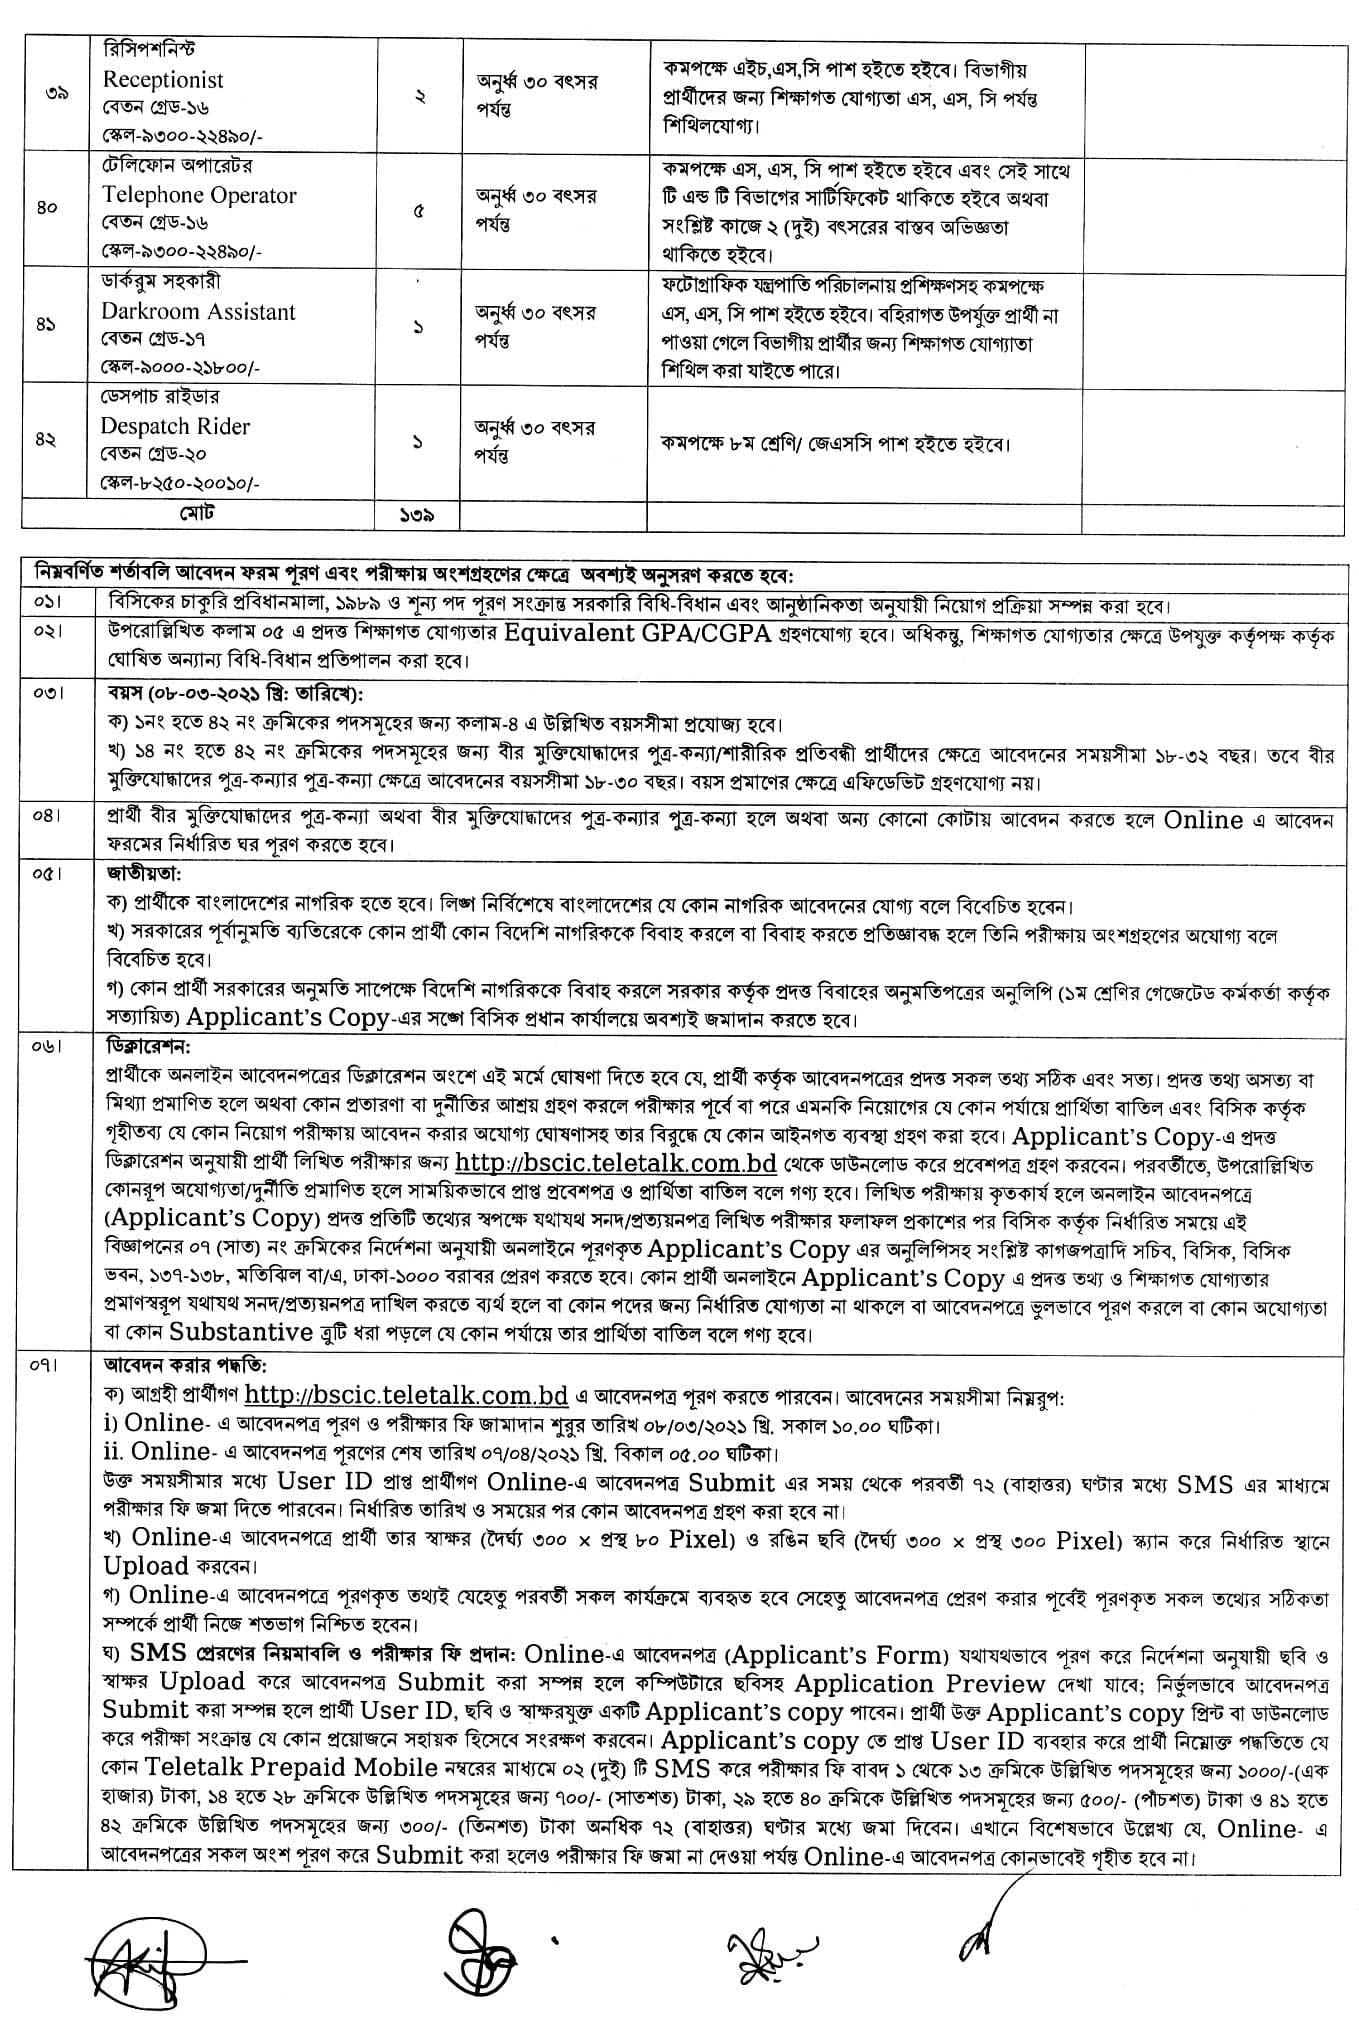 bscic.teletalk.com.bd job circular